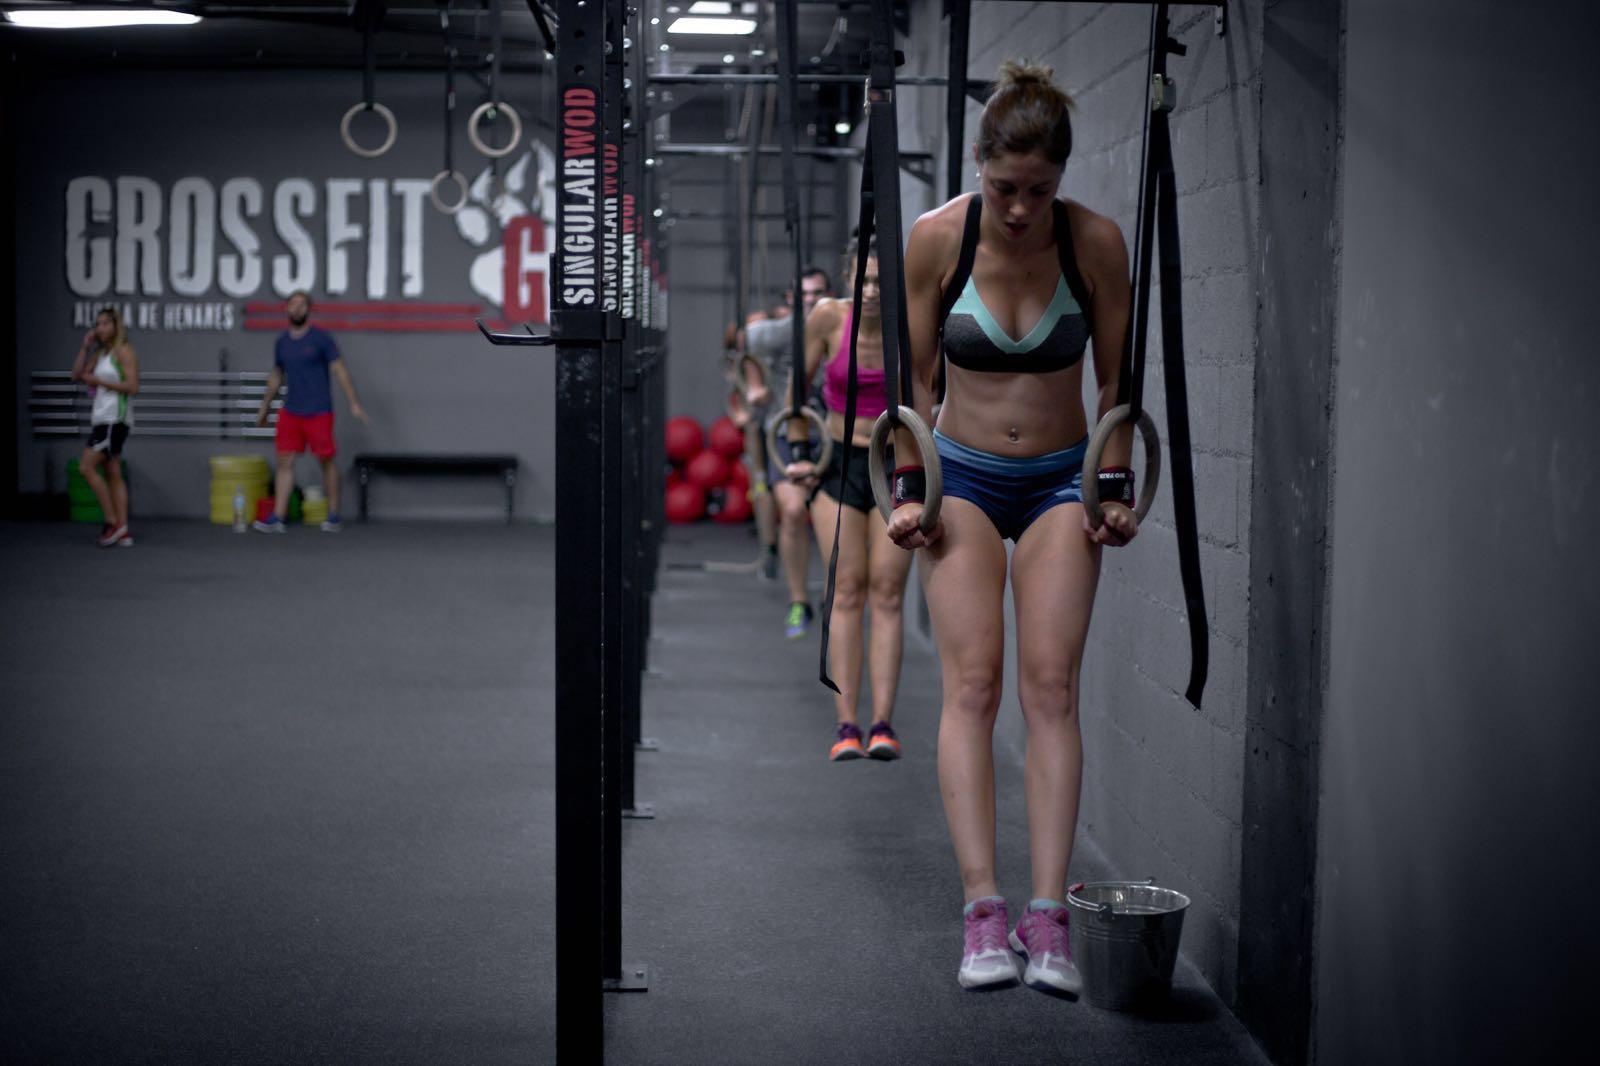 Practica el deporte de moda en CrossFit G2 de Alcalá ...